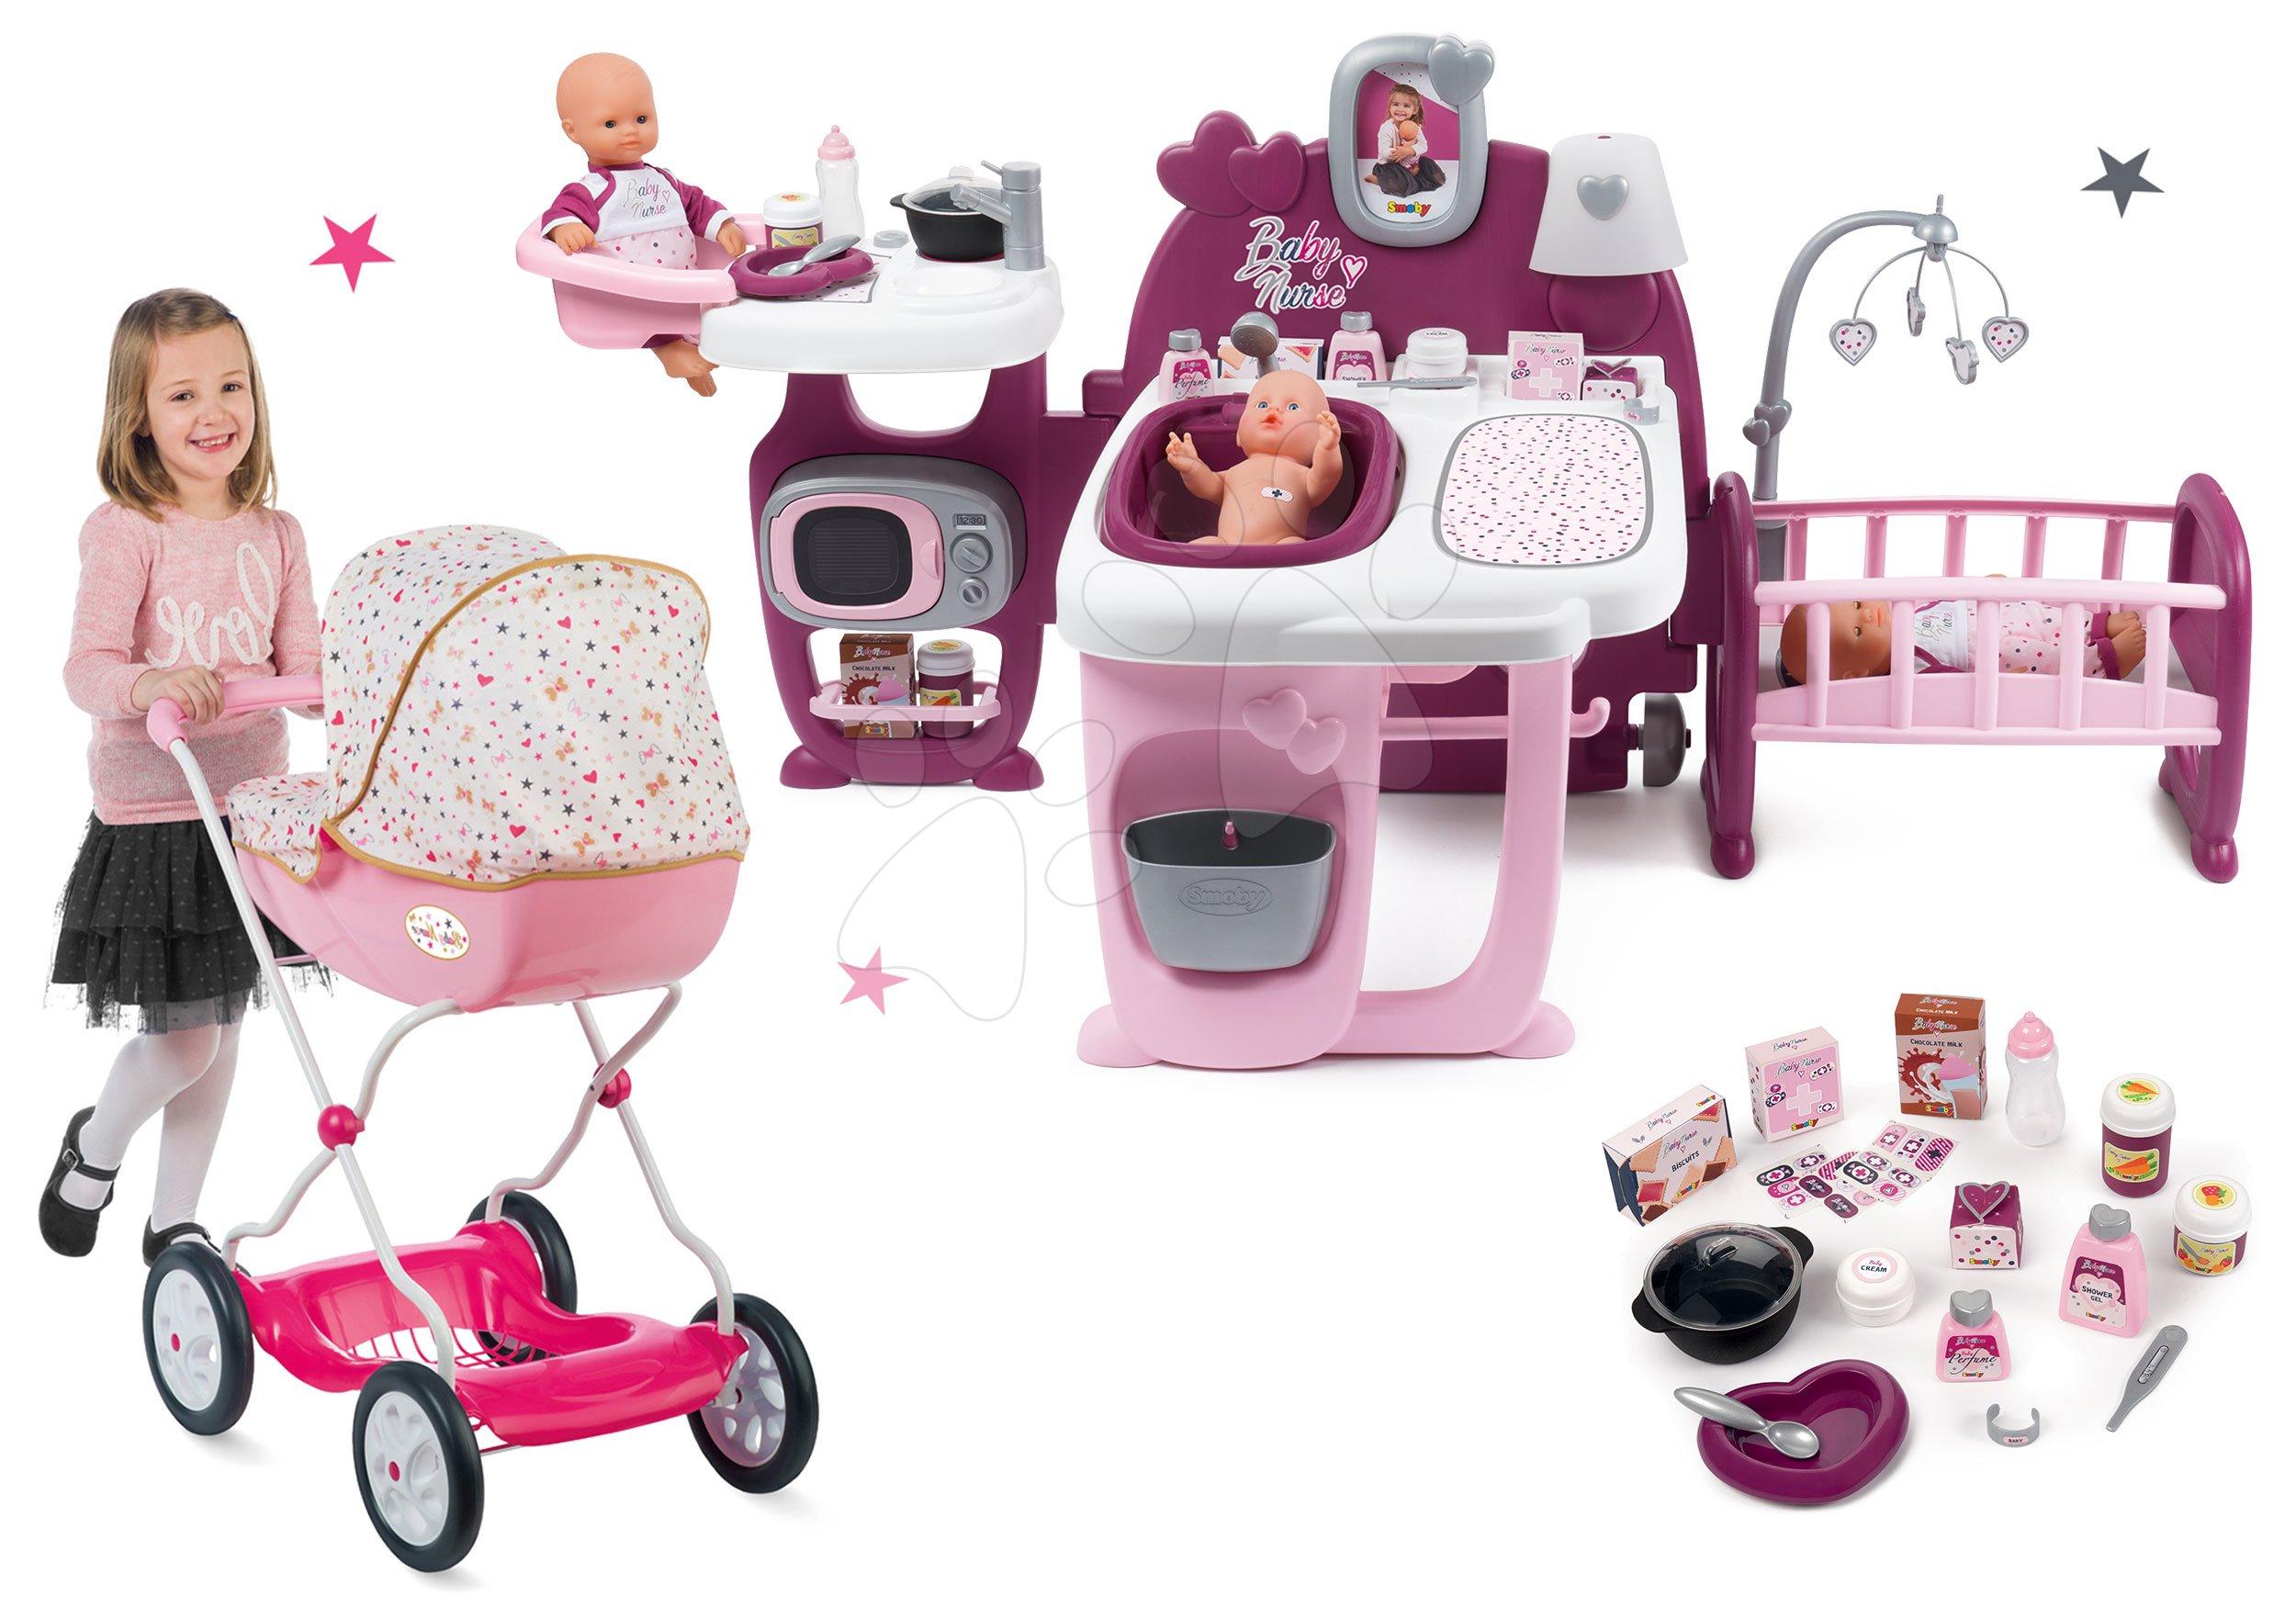 Smoby set domeček pro panenky Baby Nurse Doll´s Play Center a kočárek Landau hluboký 220327-6